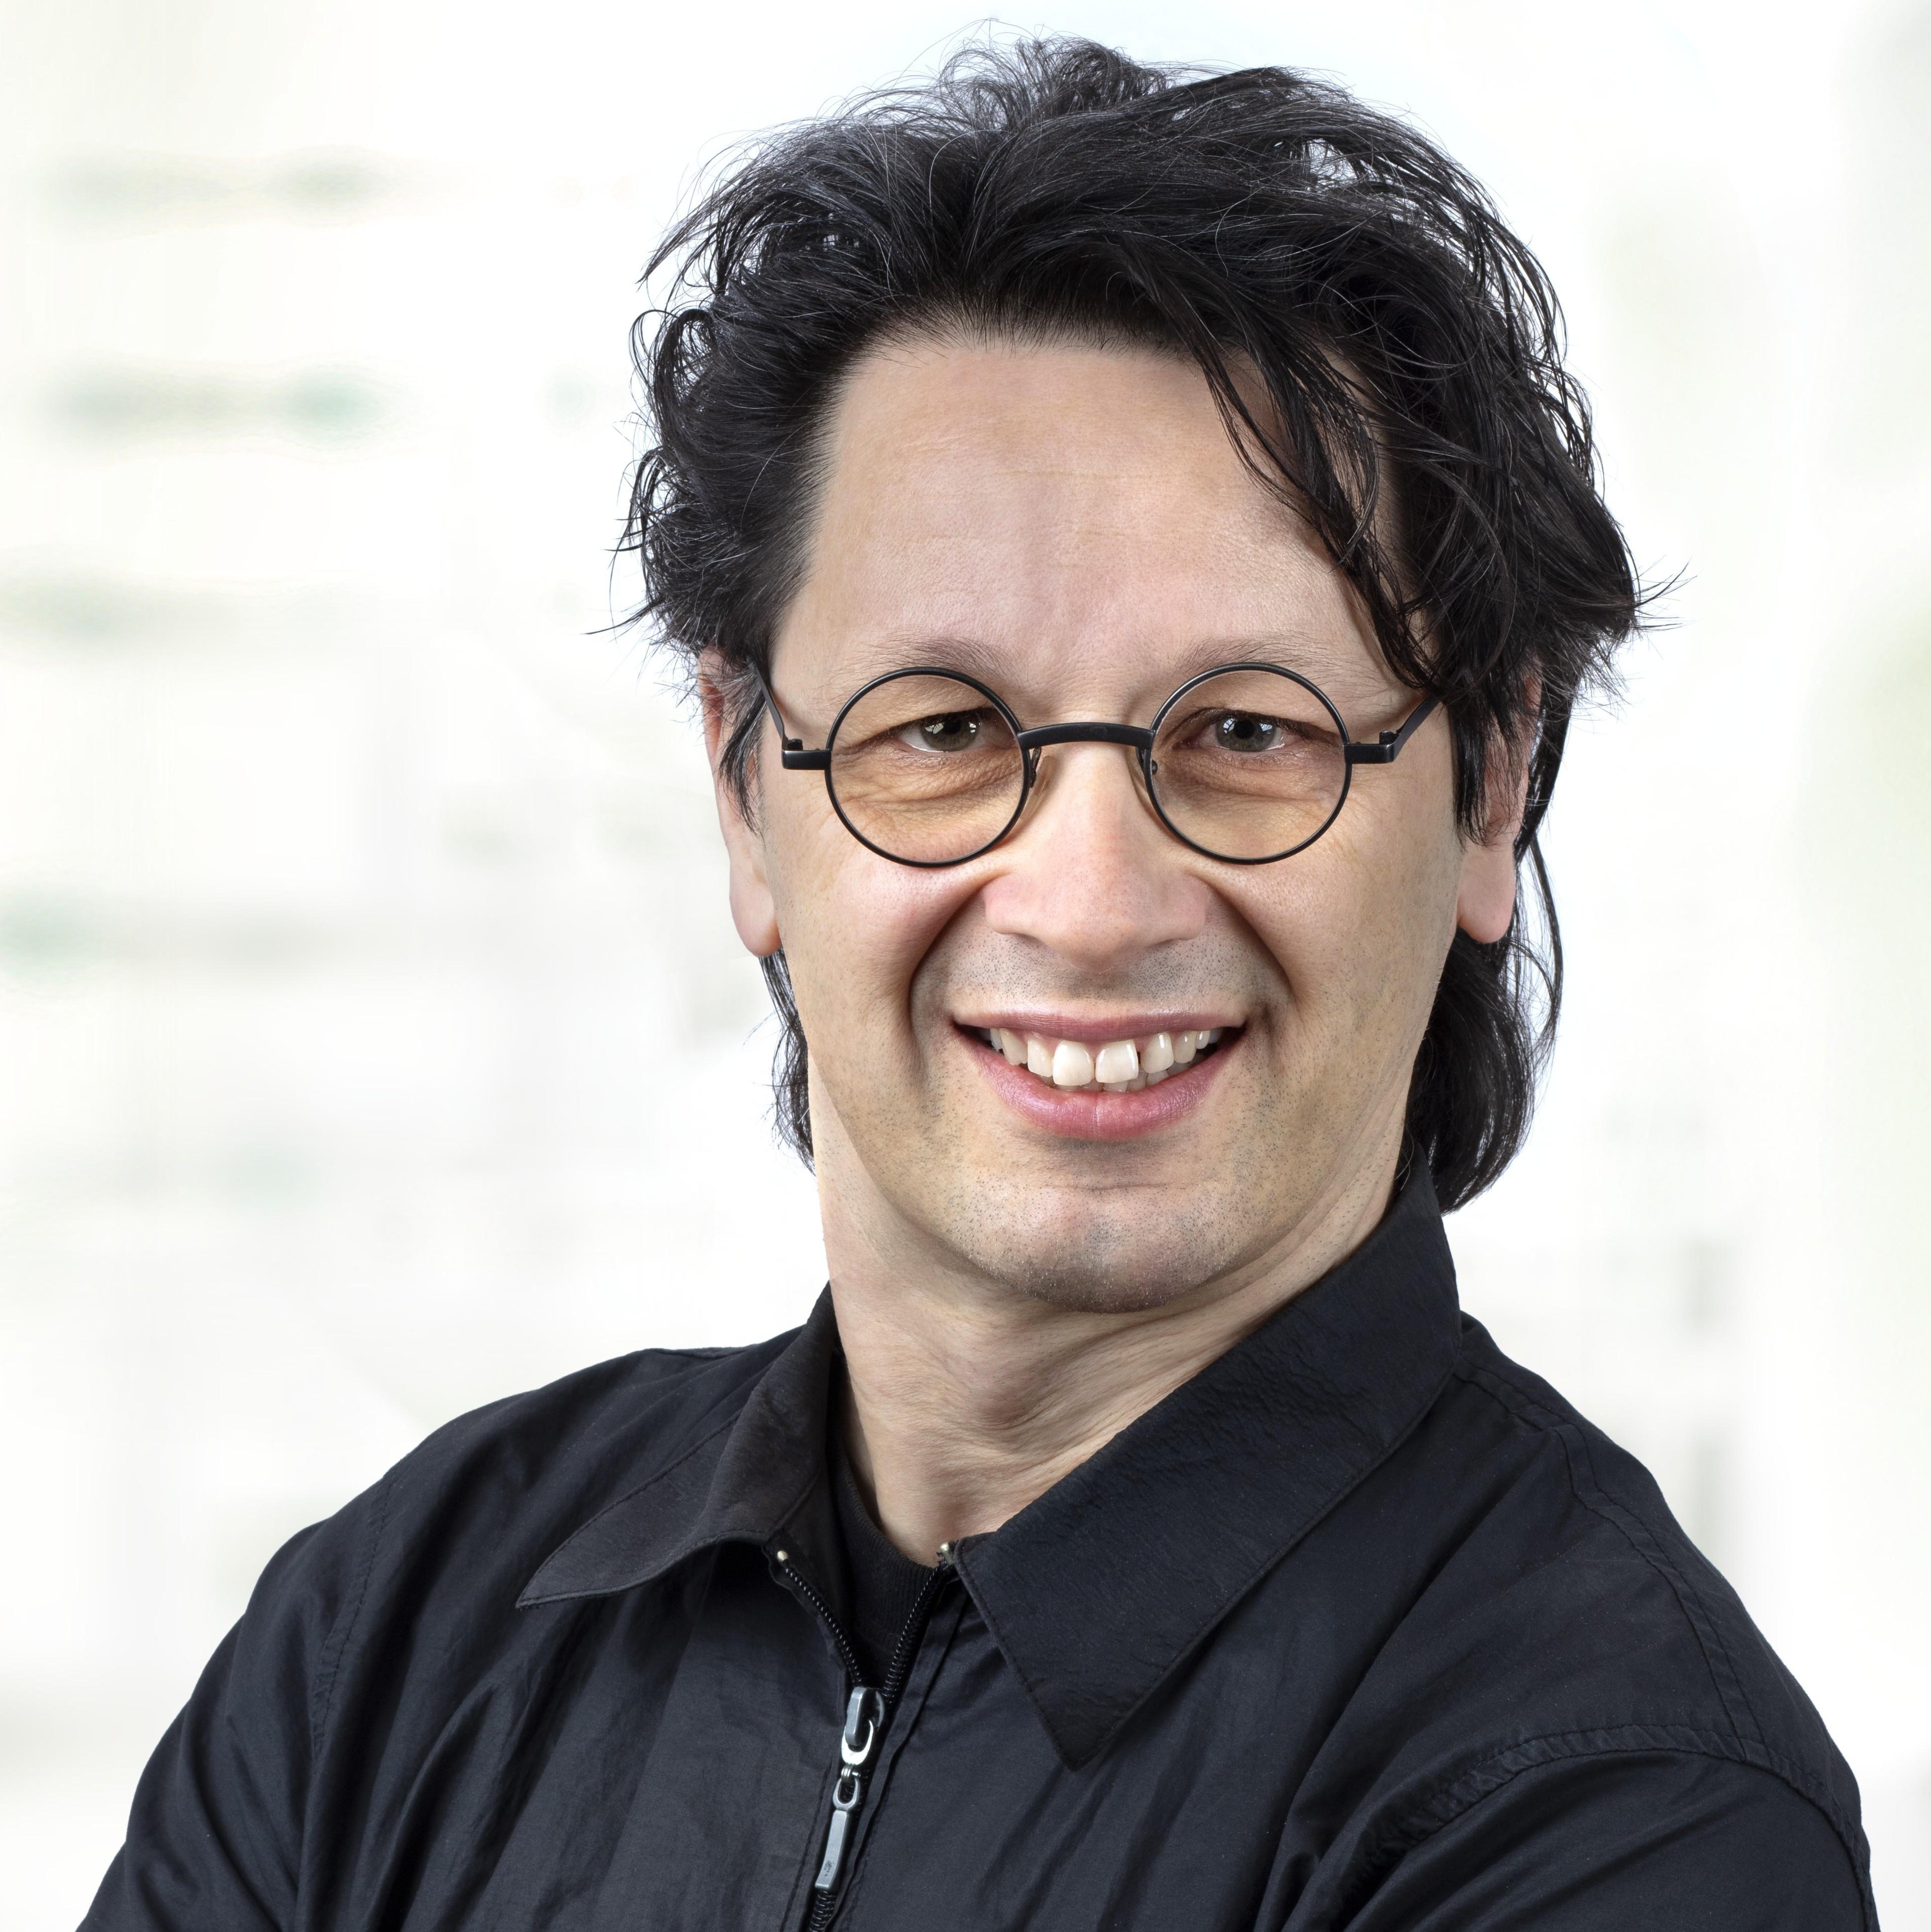 Tofalo Markus